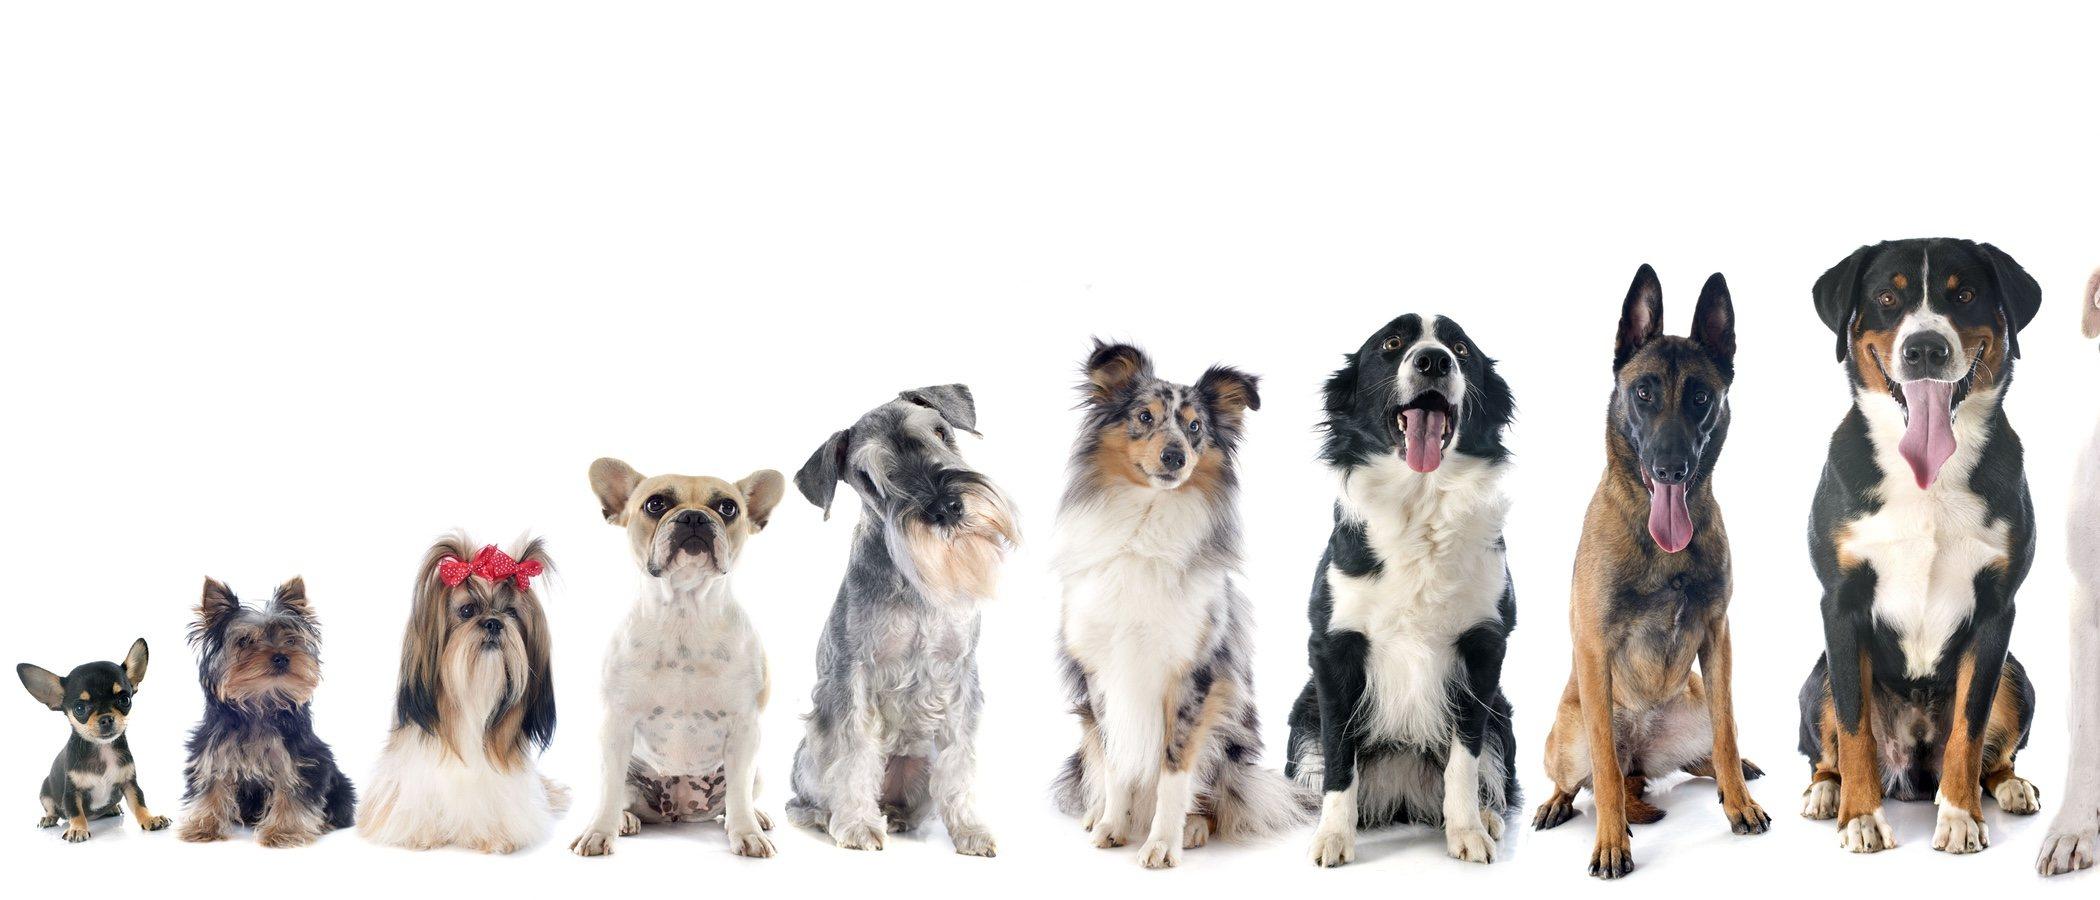 ¿Cuál es la raza de los perros protagonistas de dibujos animados y películas?